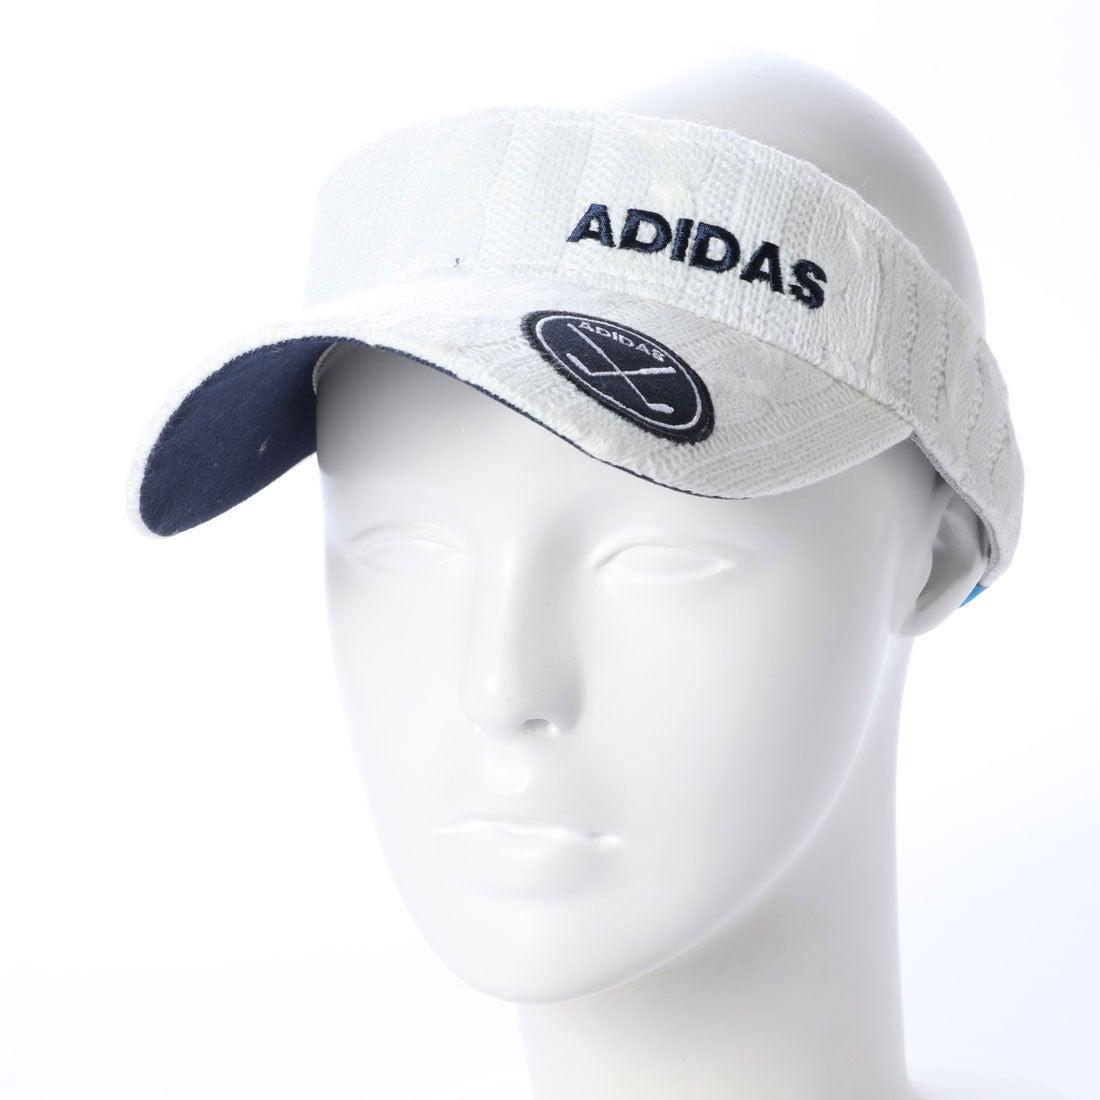 ロコンド 靴とファッションの通販サイトアディダス adidas レディース ゴルフ サンバイザー adicross ケーブルニットバイザー U31663